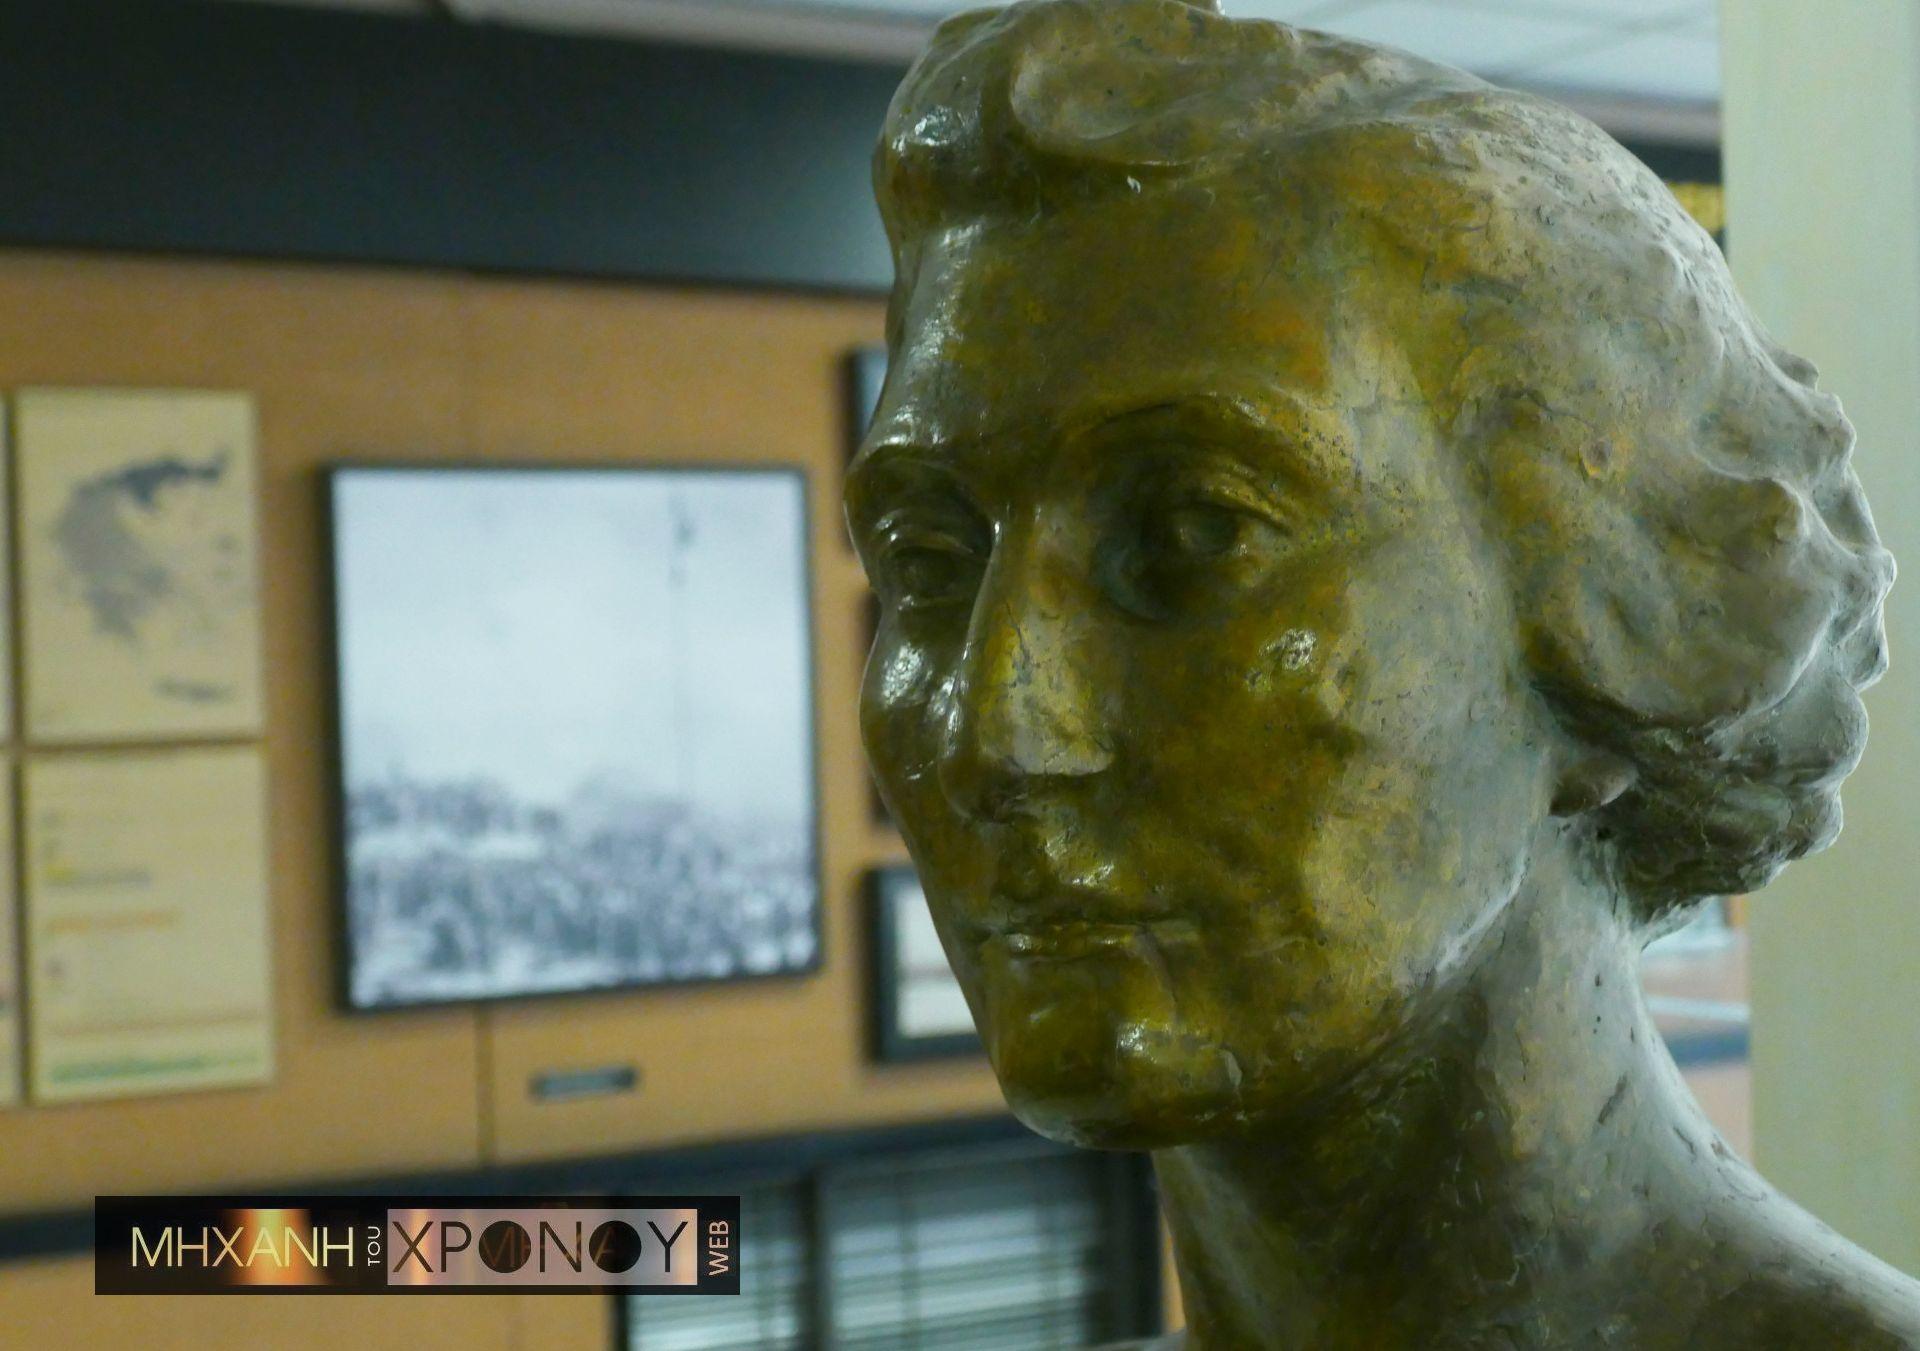 Ποιά ήταν η «Σιωπηλή Στρατιά» της θρυλικής Λέλας Καραγιάννη. Πώς στρατολόγησε ακόμα και τον καπνοβιομήχανο Παπαστράτο στην αντίσταση κατά των Γερμανών